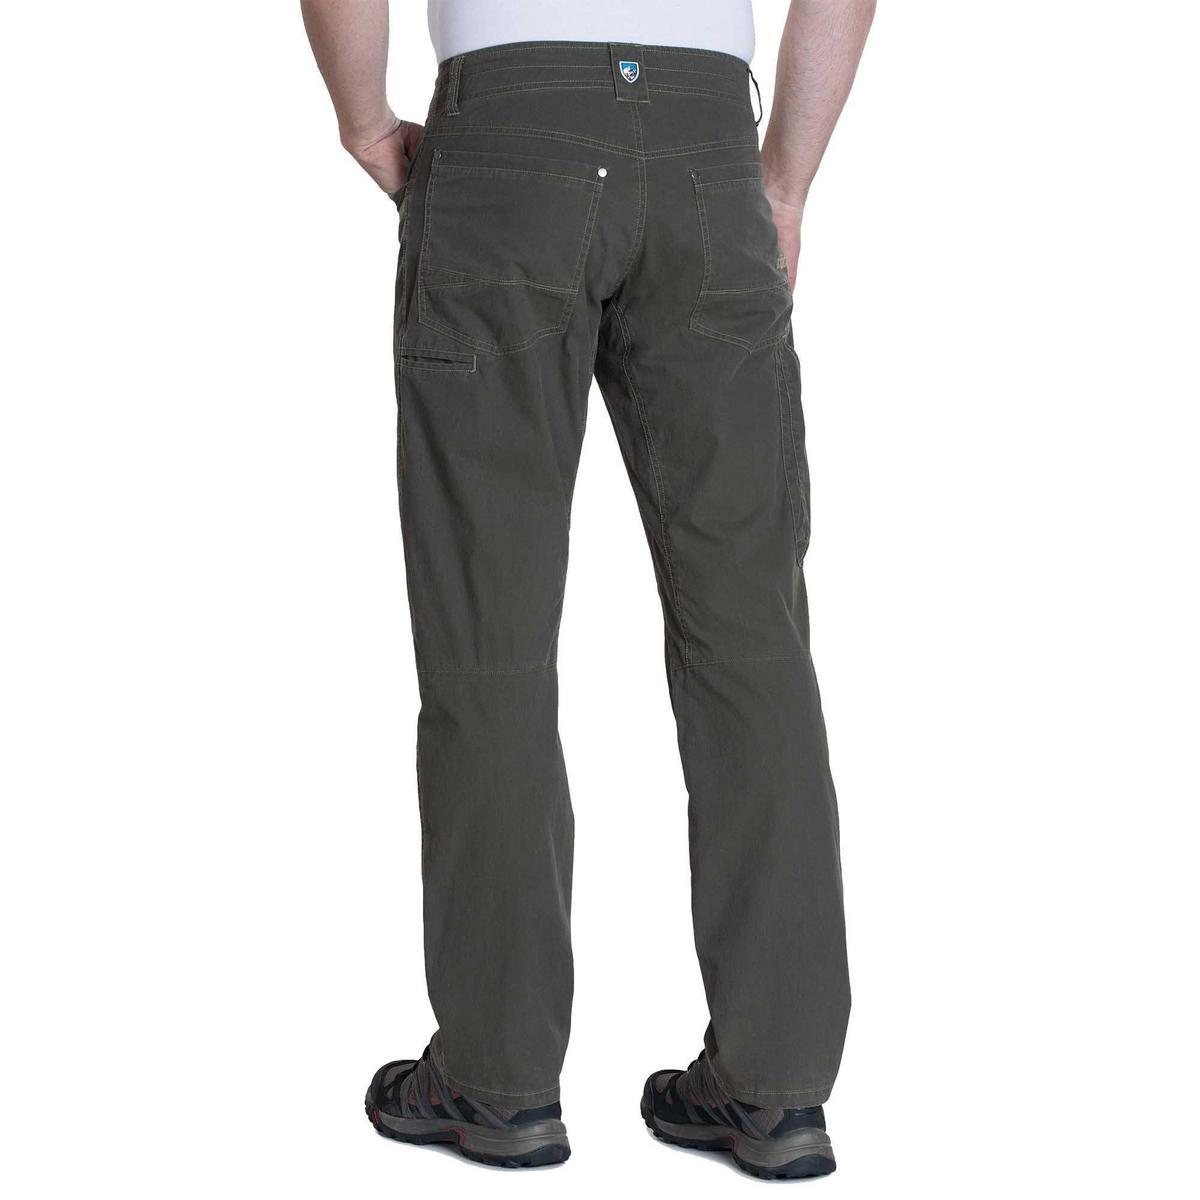 Kuhl Men's Revolvr Trousers (Regular Leg) - Gunmetal